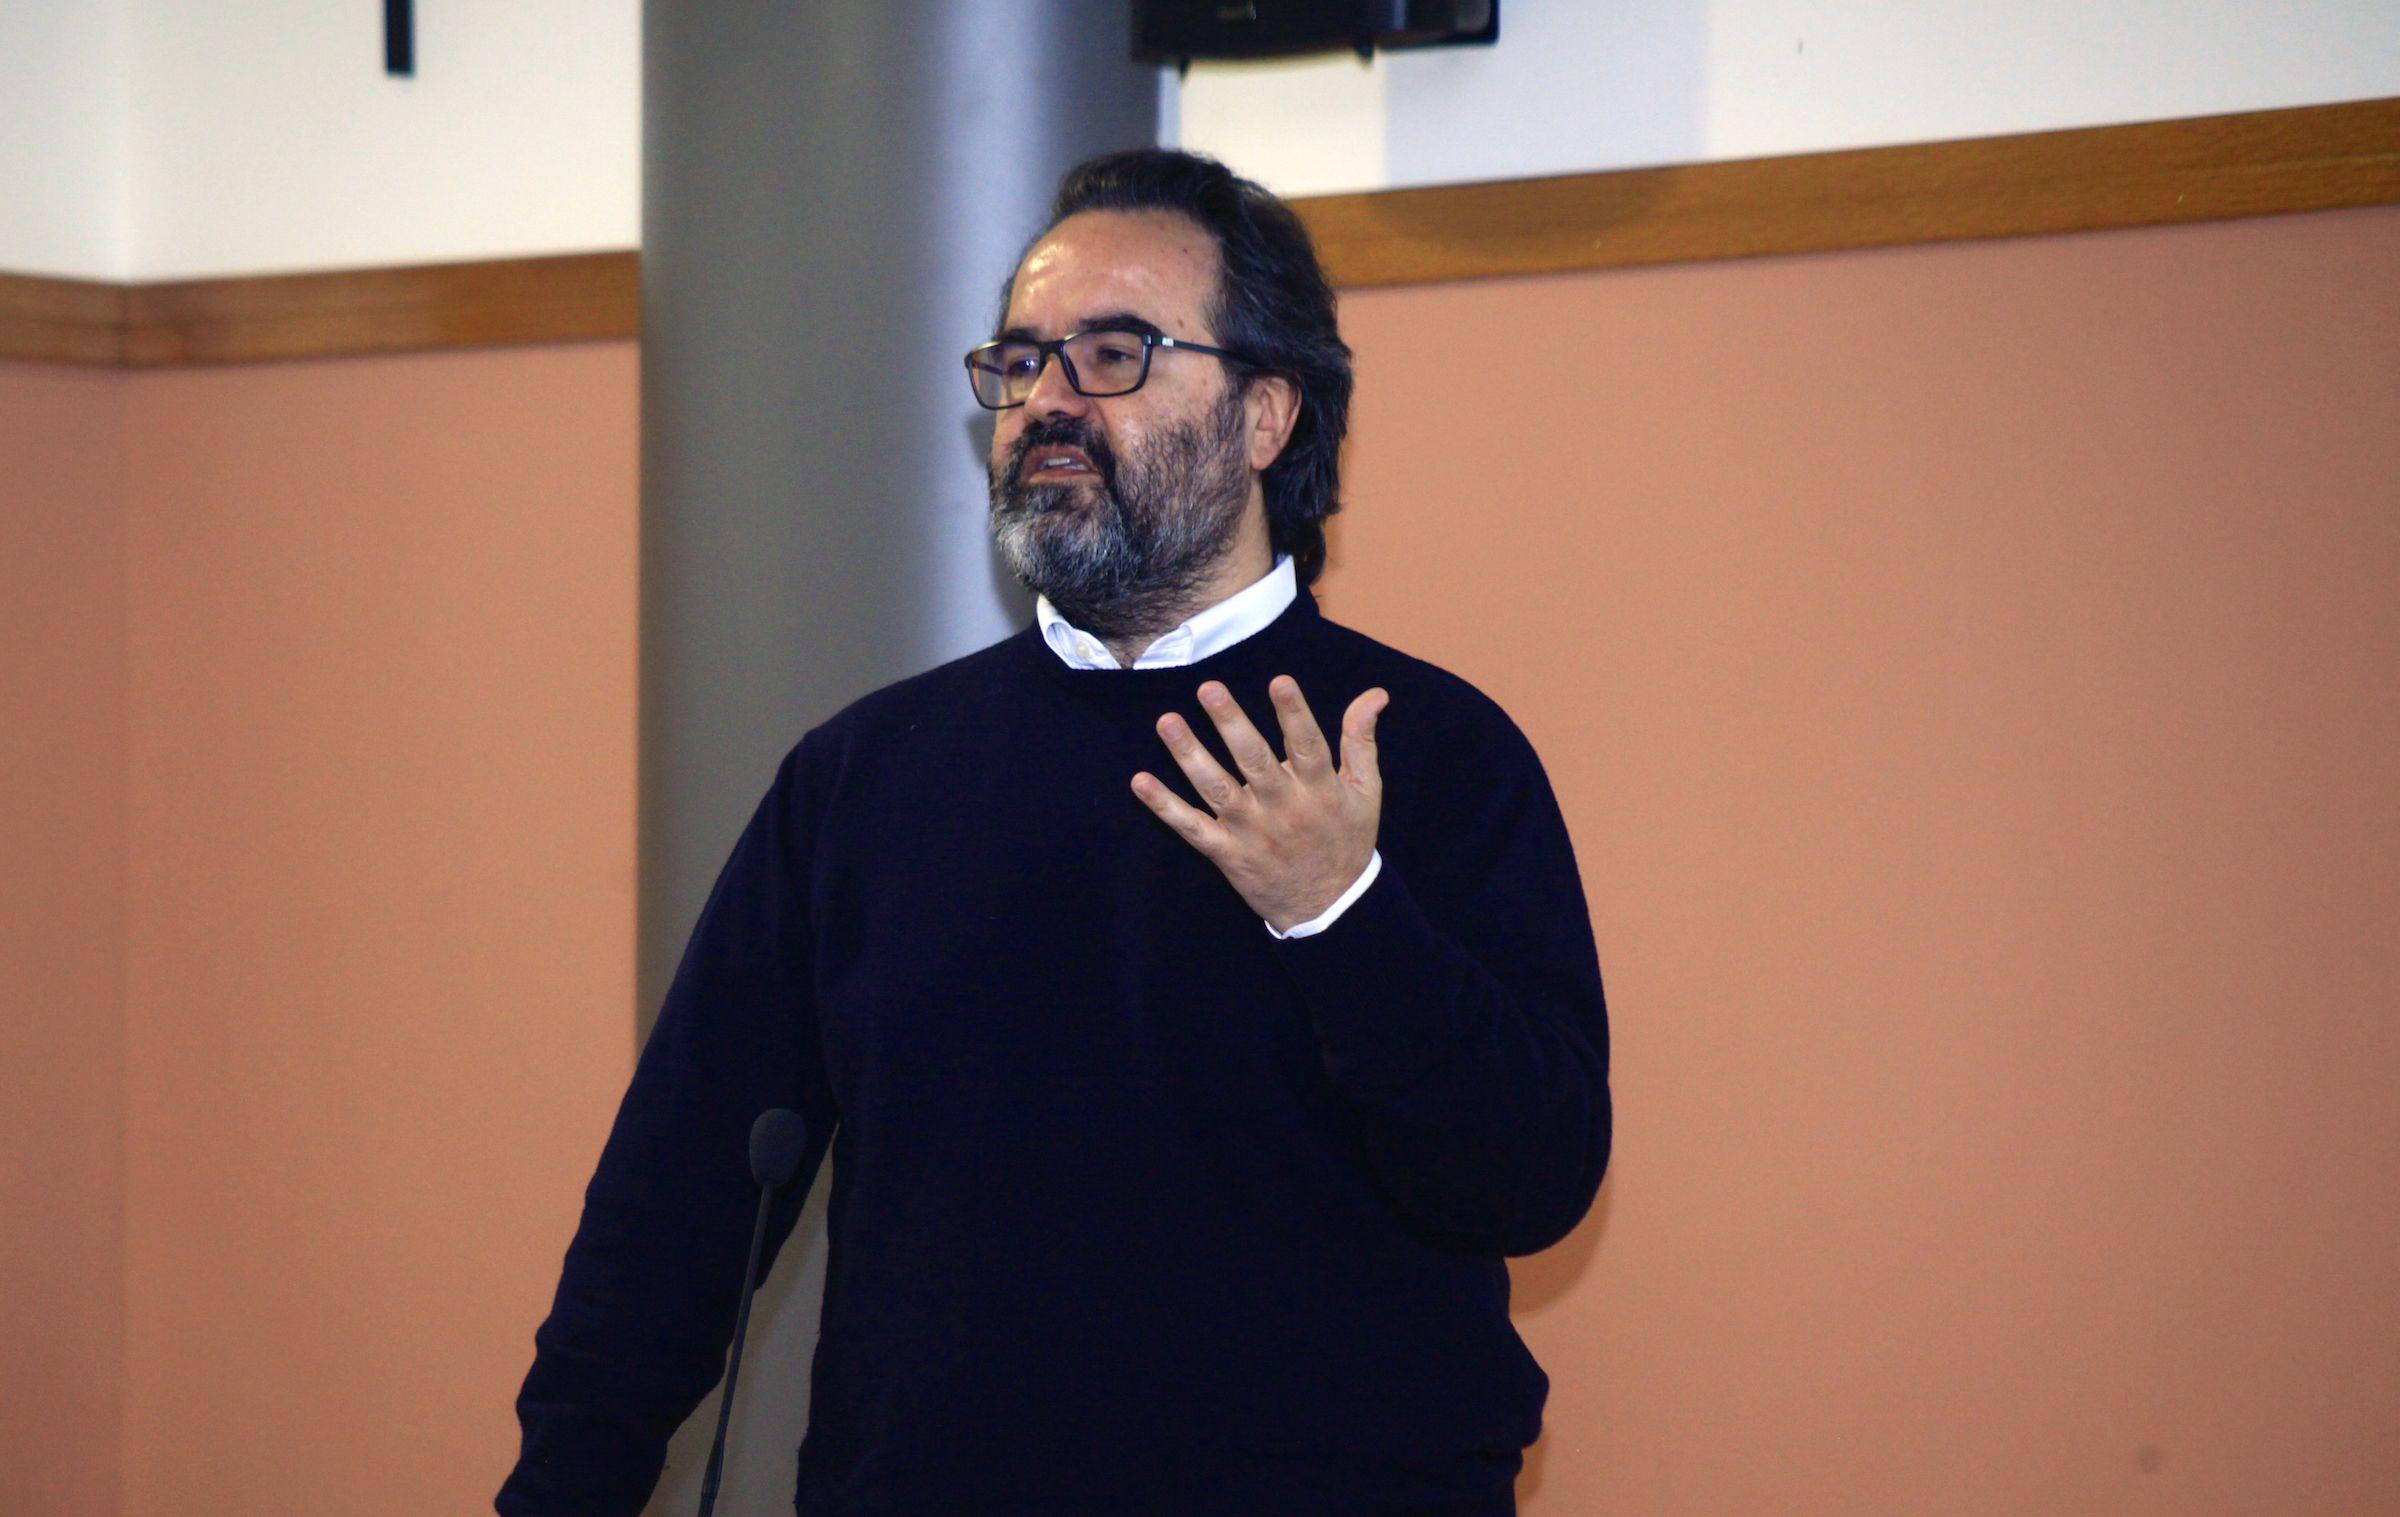 Lluis Montoliu es promotor de la iniciativa COSCE por la transparencia en experimentación animal en España.